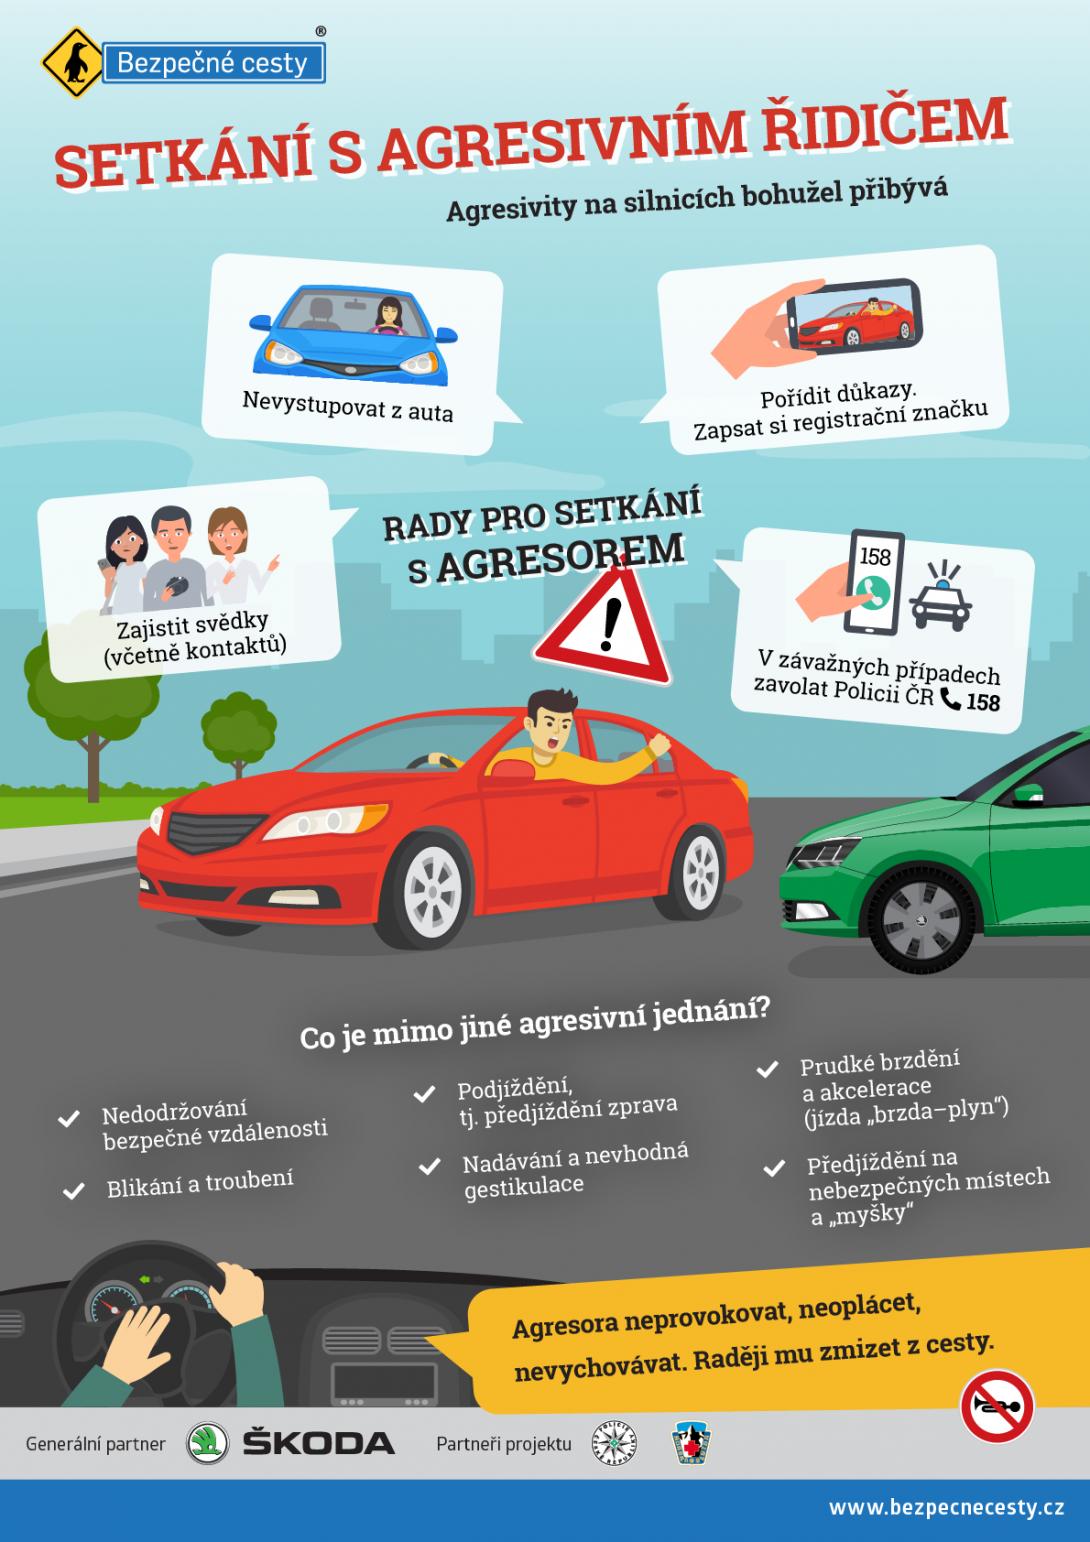 Setkání s agresivním řidičem - infografika